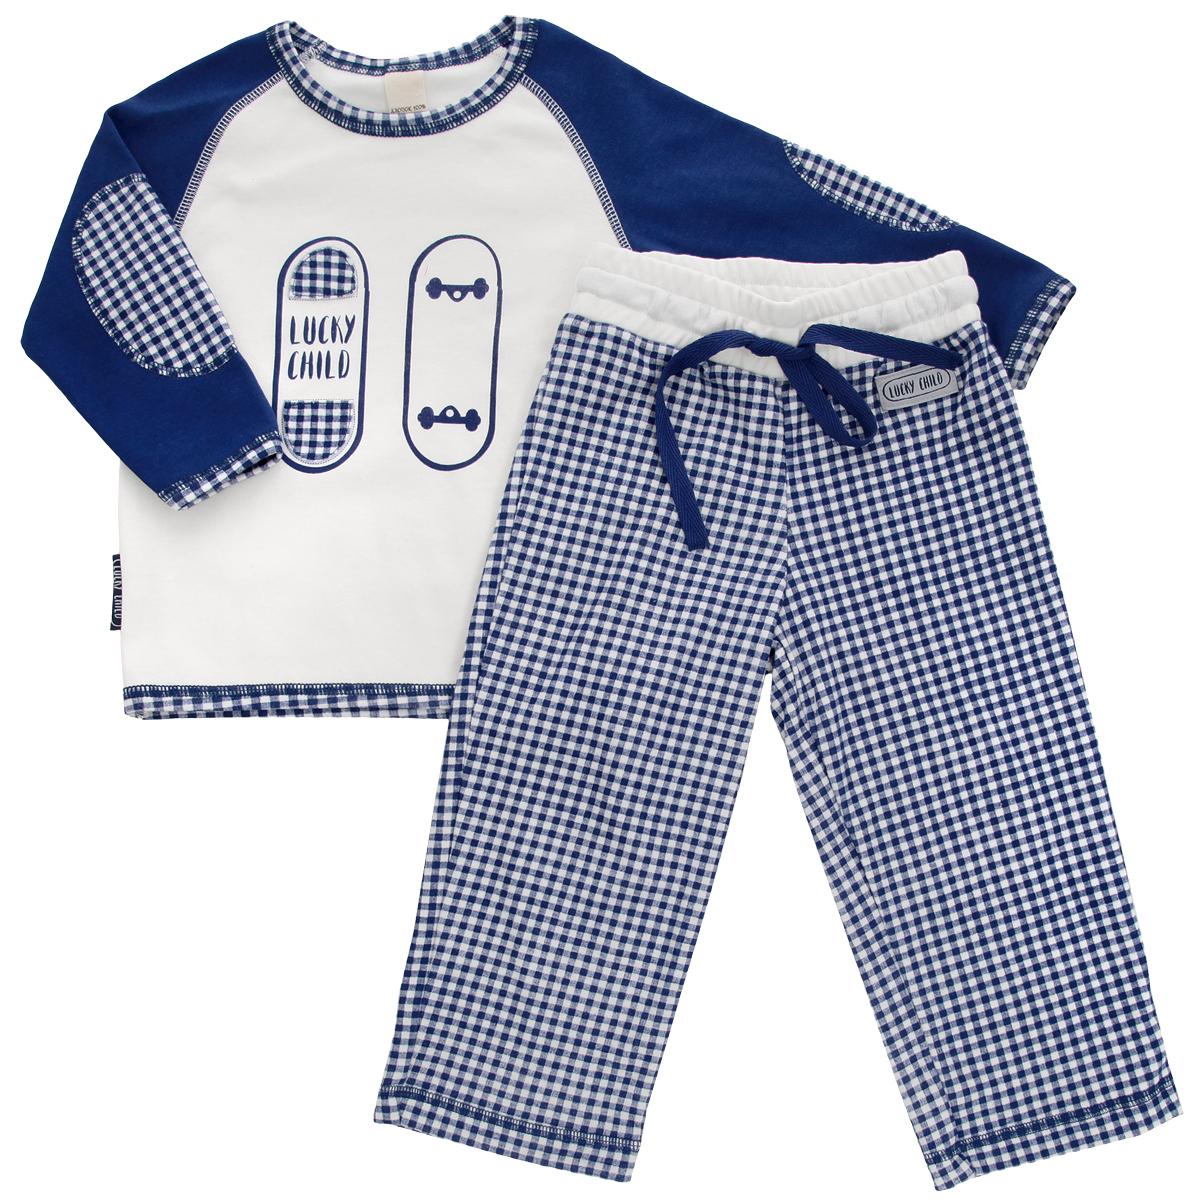 Пижама для мальчика Lucky Child, цвет: синий, молочный. 13-401. Размер 128/13413-401Очаровательная пижама для мальчика Lucky Child, состоящая из футболки с длинным рукавом и брюк, идеально подойдет вашему маленькому мужчине и станет отличным дополнением к детскому гардеробу. Изготовленная из натурального хлопка - интерлока, она необычайно мягкая и приятная на ощупь, не раздражает нежную кожу ребенка и хорошо вентилируется, а эластичные швы приятны телу и не препятствуют его движениям.Футболка с длинными рукавами-реглан и круглым вырезом горловины оформлена спереди оригинальной аппликацией и принтом с изображением скейтборда. Горловина, рукава и низ изделия оформлены принтом в клетку. Рукава украшены декоративными заплатами. Брюки на талии имеют широкий эластичный пояс со шнурком, благодаря чему они не сдавливают животик ребенка и не сползают. Оформлены брюки принтом в клетку и небольшой нашивкой с названием бренда. Такая пижама идеально подойдет вашему ребенку, а мягкие полотна позволят ему комфортно чувствовать себя во время сна!